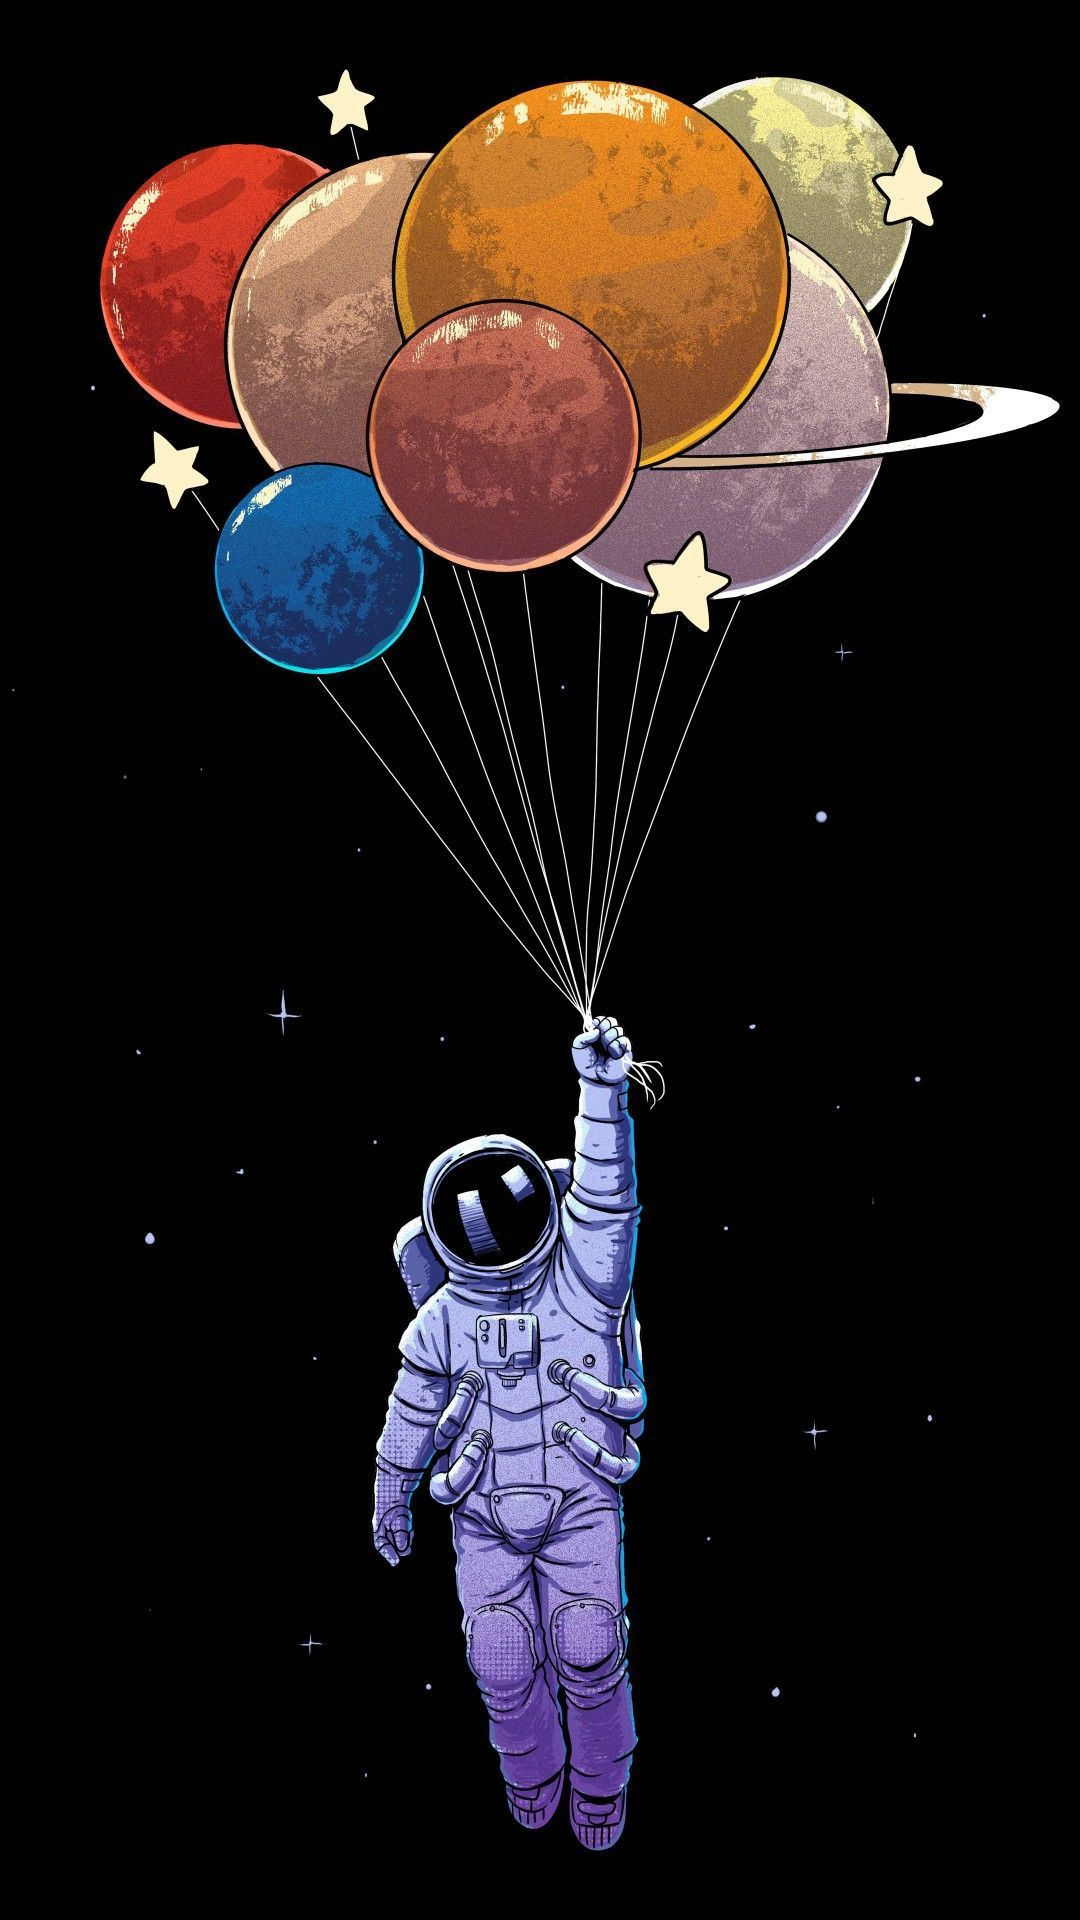 Illustration Astronaut Cartoon Graphic design Balloon